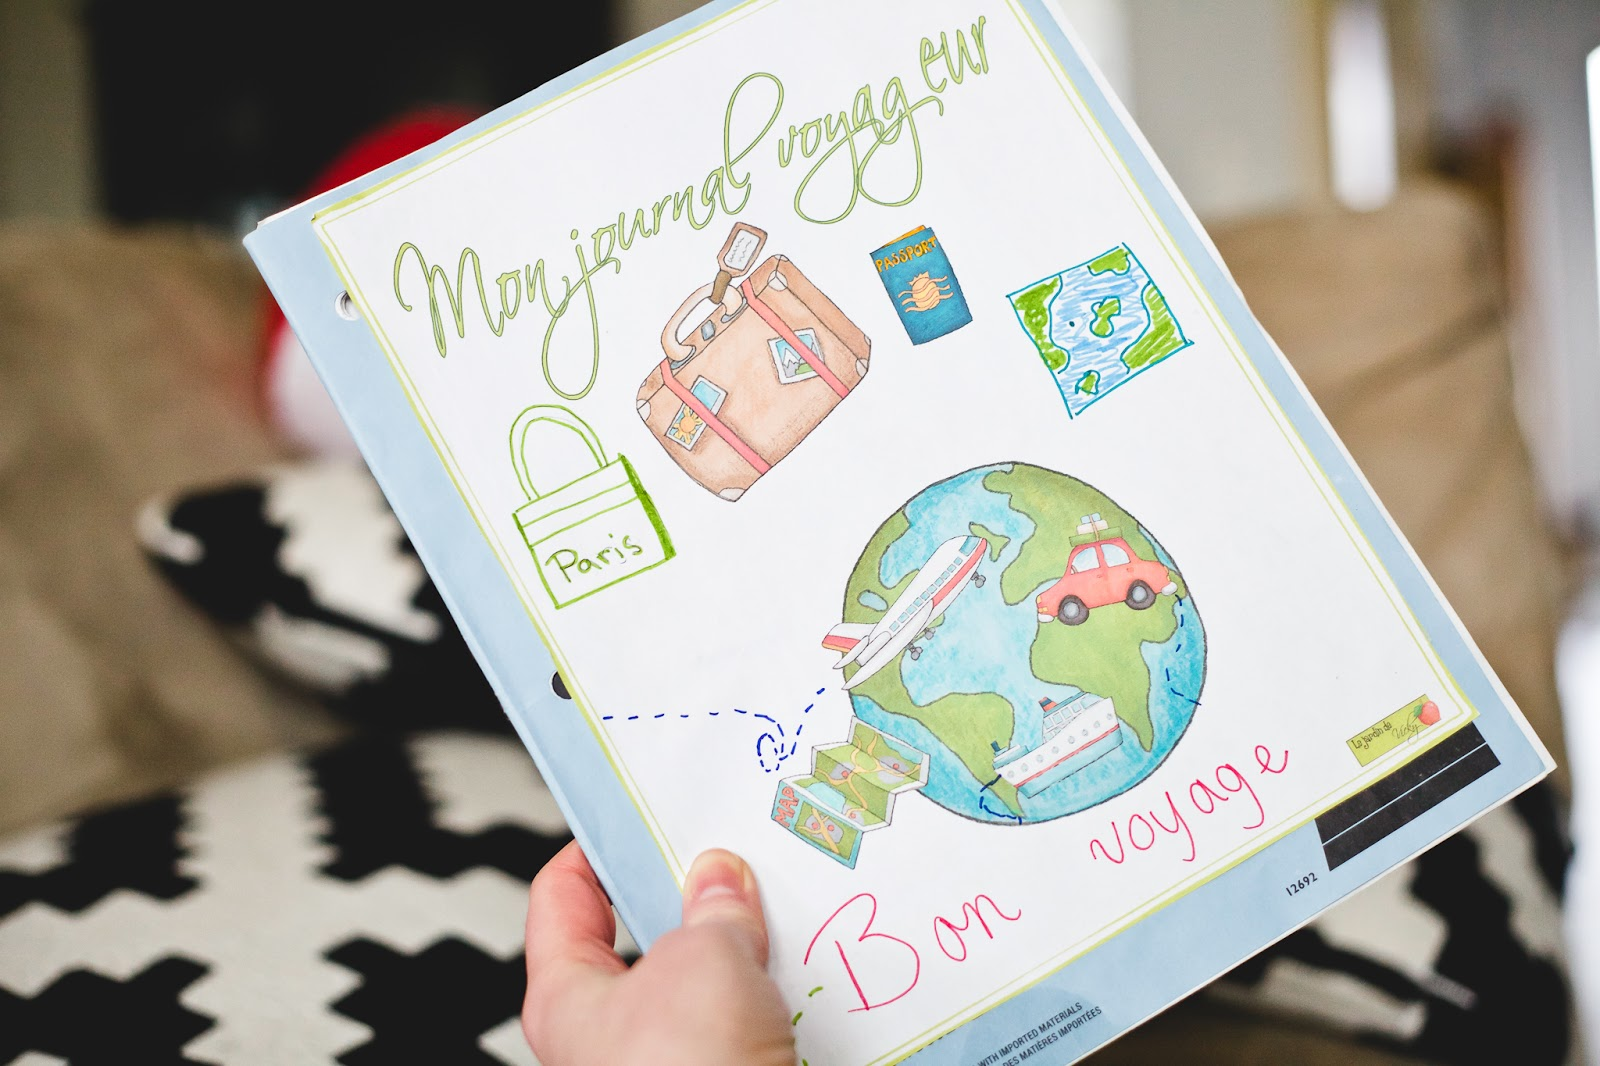 Mon Journal Voyageur Un Beau Projet Pour Faire Voyager Vos Eleves Autour Du Globe Hey Vanmay